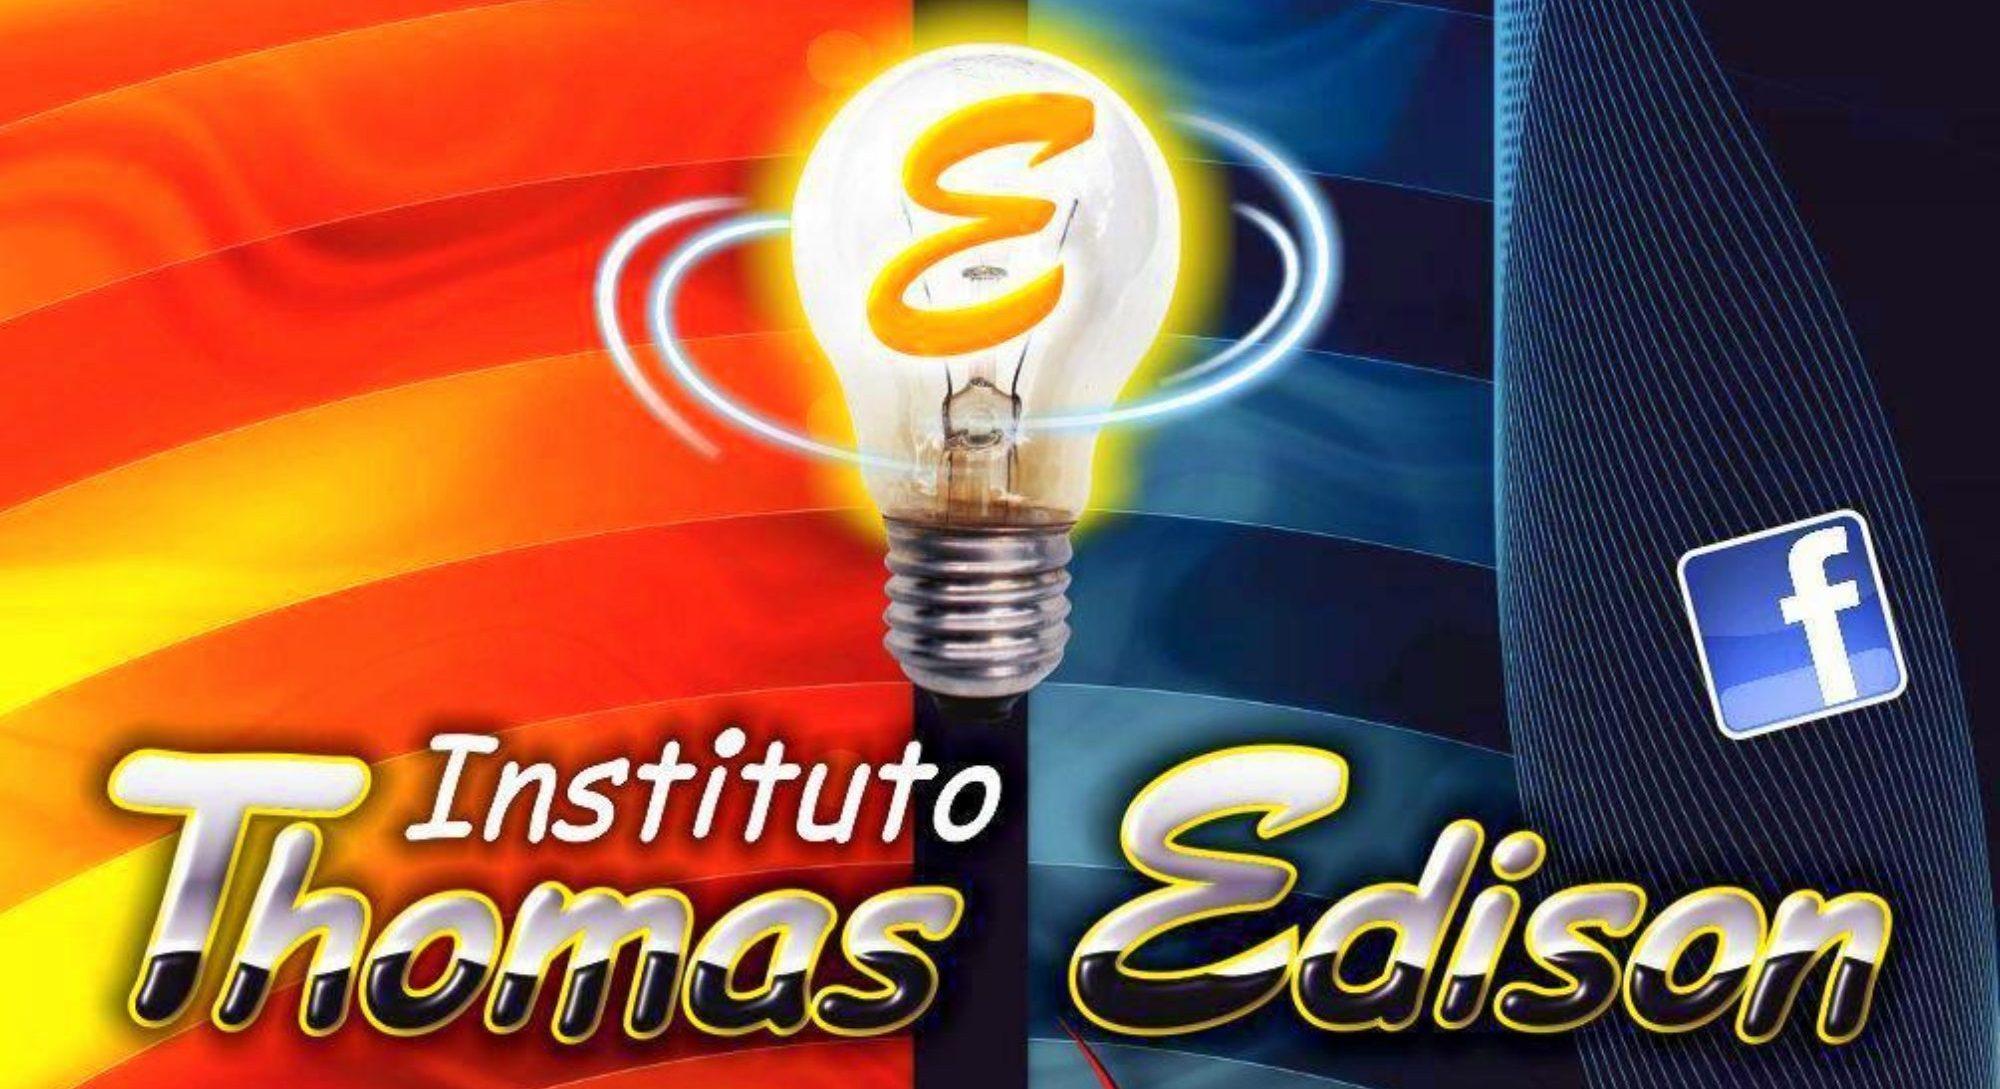 Instituto Thomas Edison